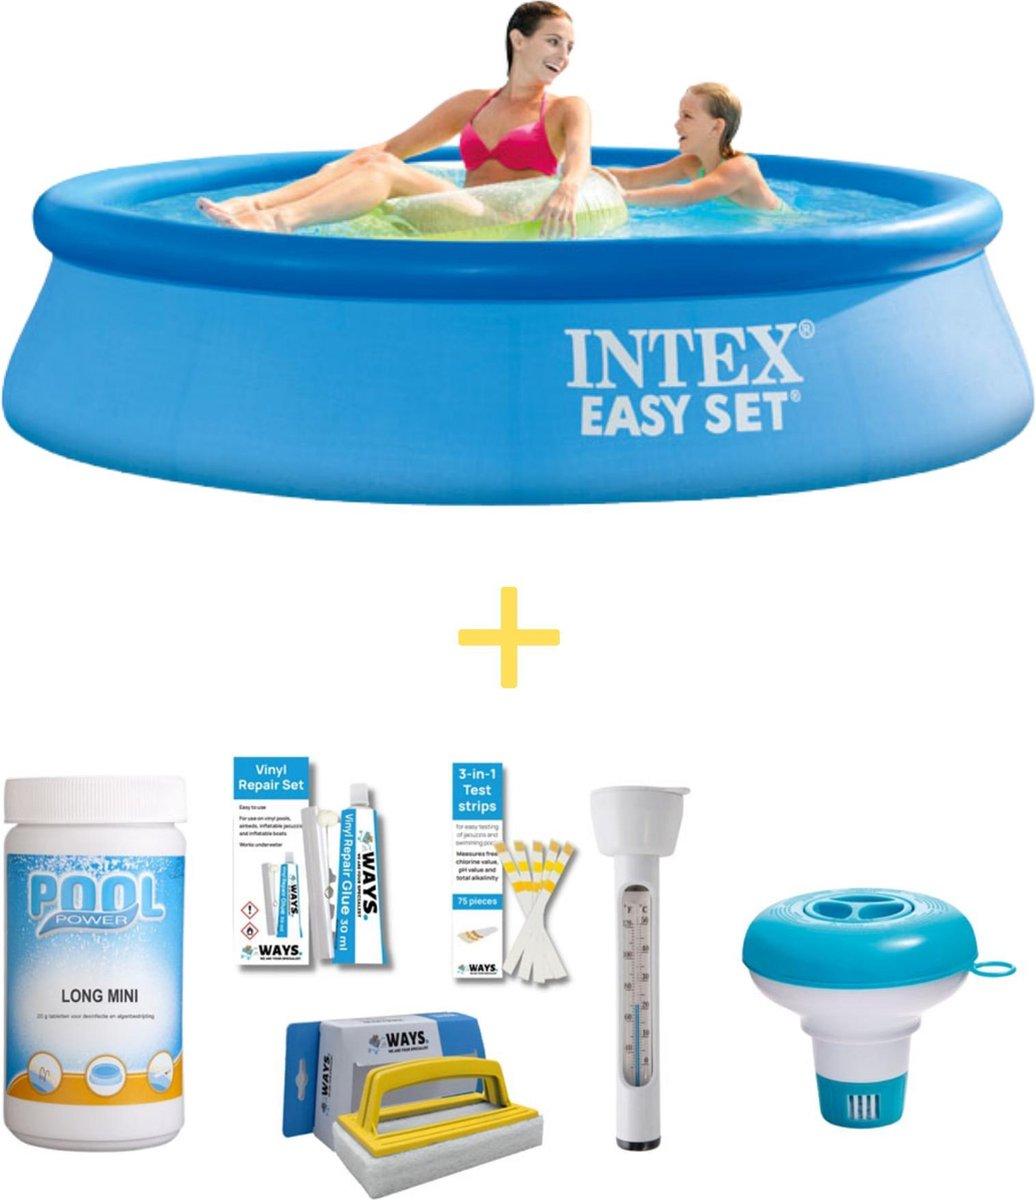 Intex Zwembad - Easy Set - 244 x 61 cm - Inclusief WAYS Onderhoudspakket